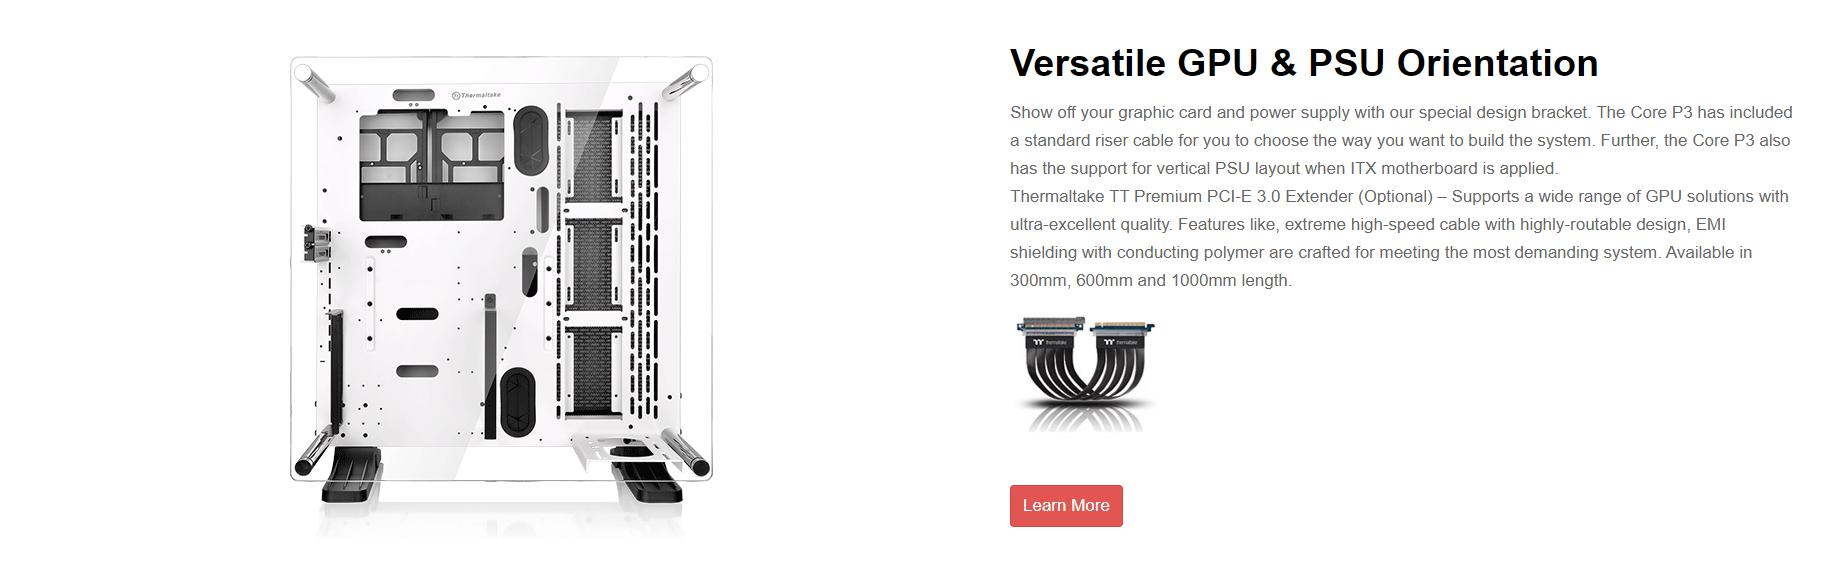 Vỏ Case Thermaltake Core P3 Tempered Glass (Mid Tower/Màu Đen/Kính Cong) có thể linh hoạt thay đổi vị trí GPU và PSU